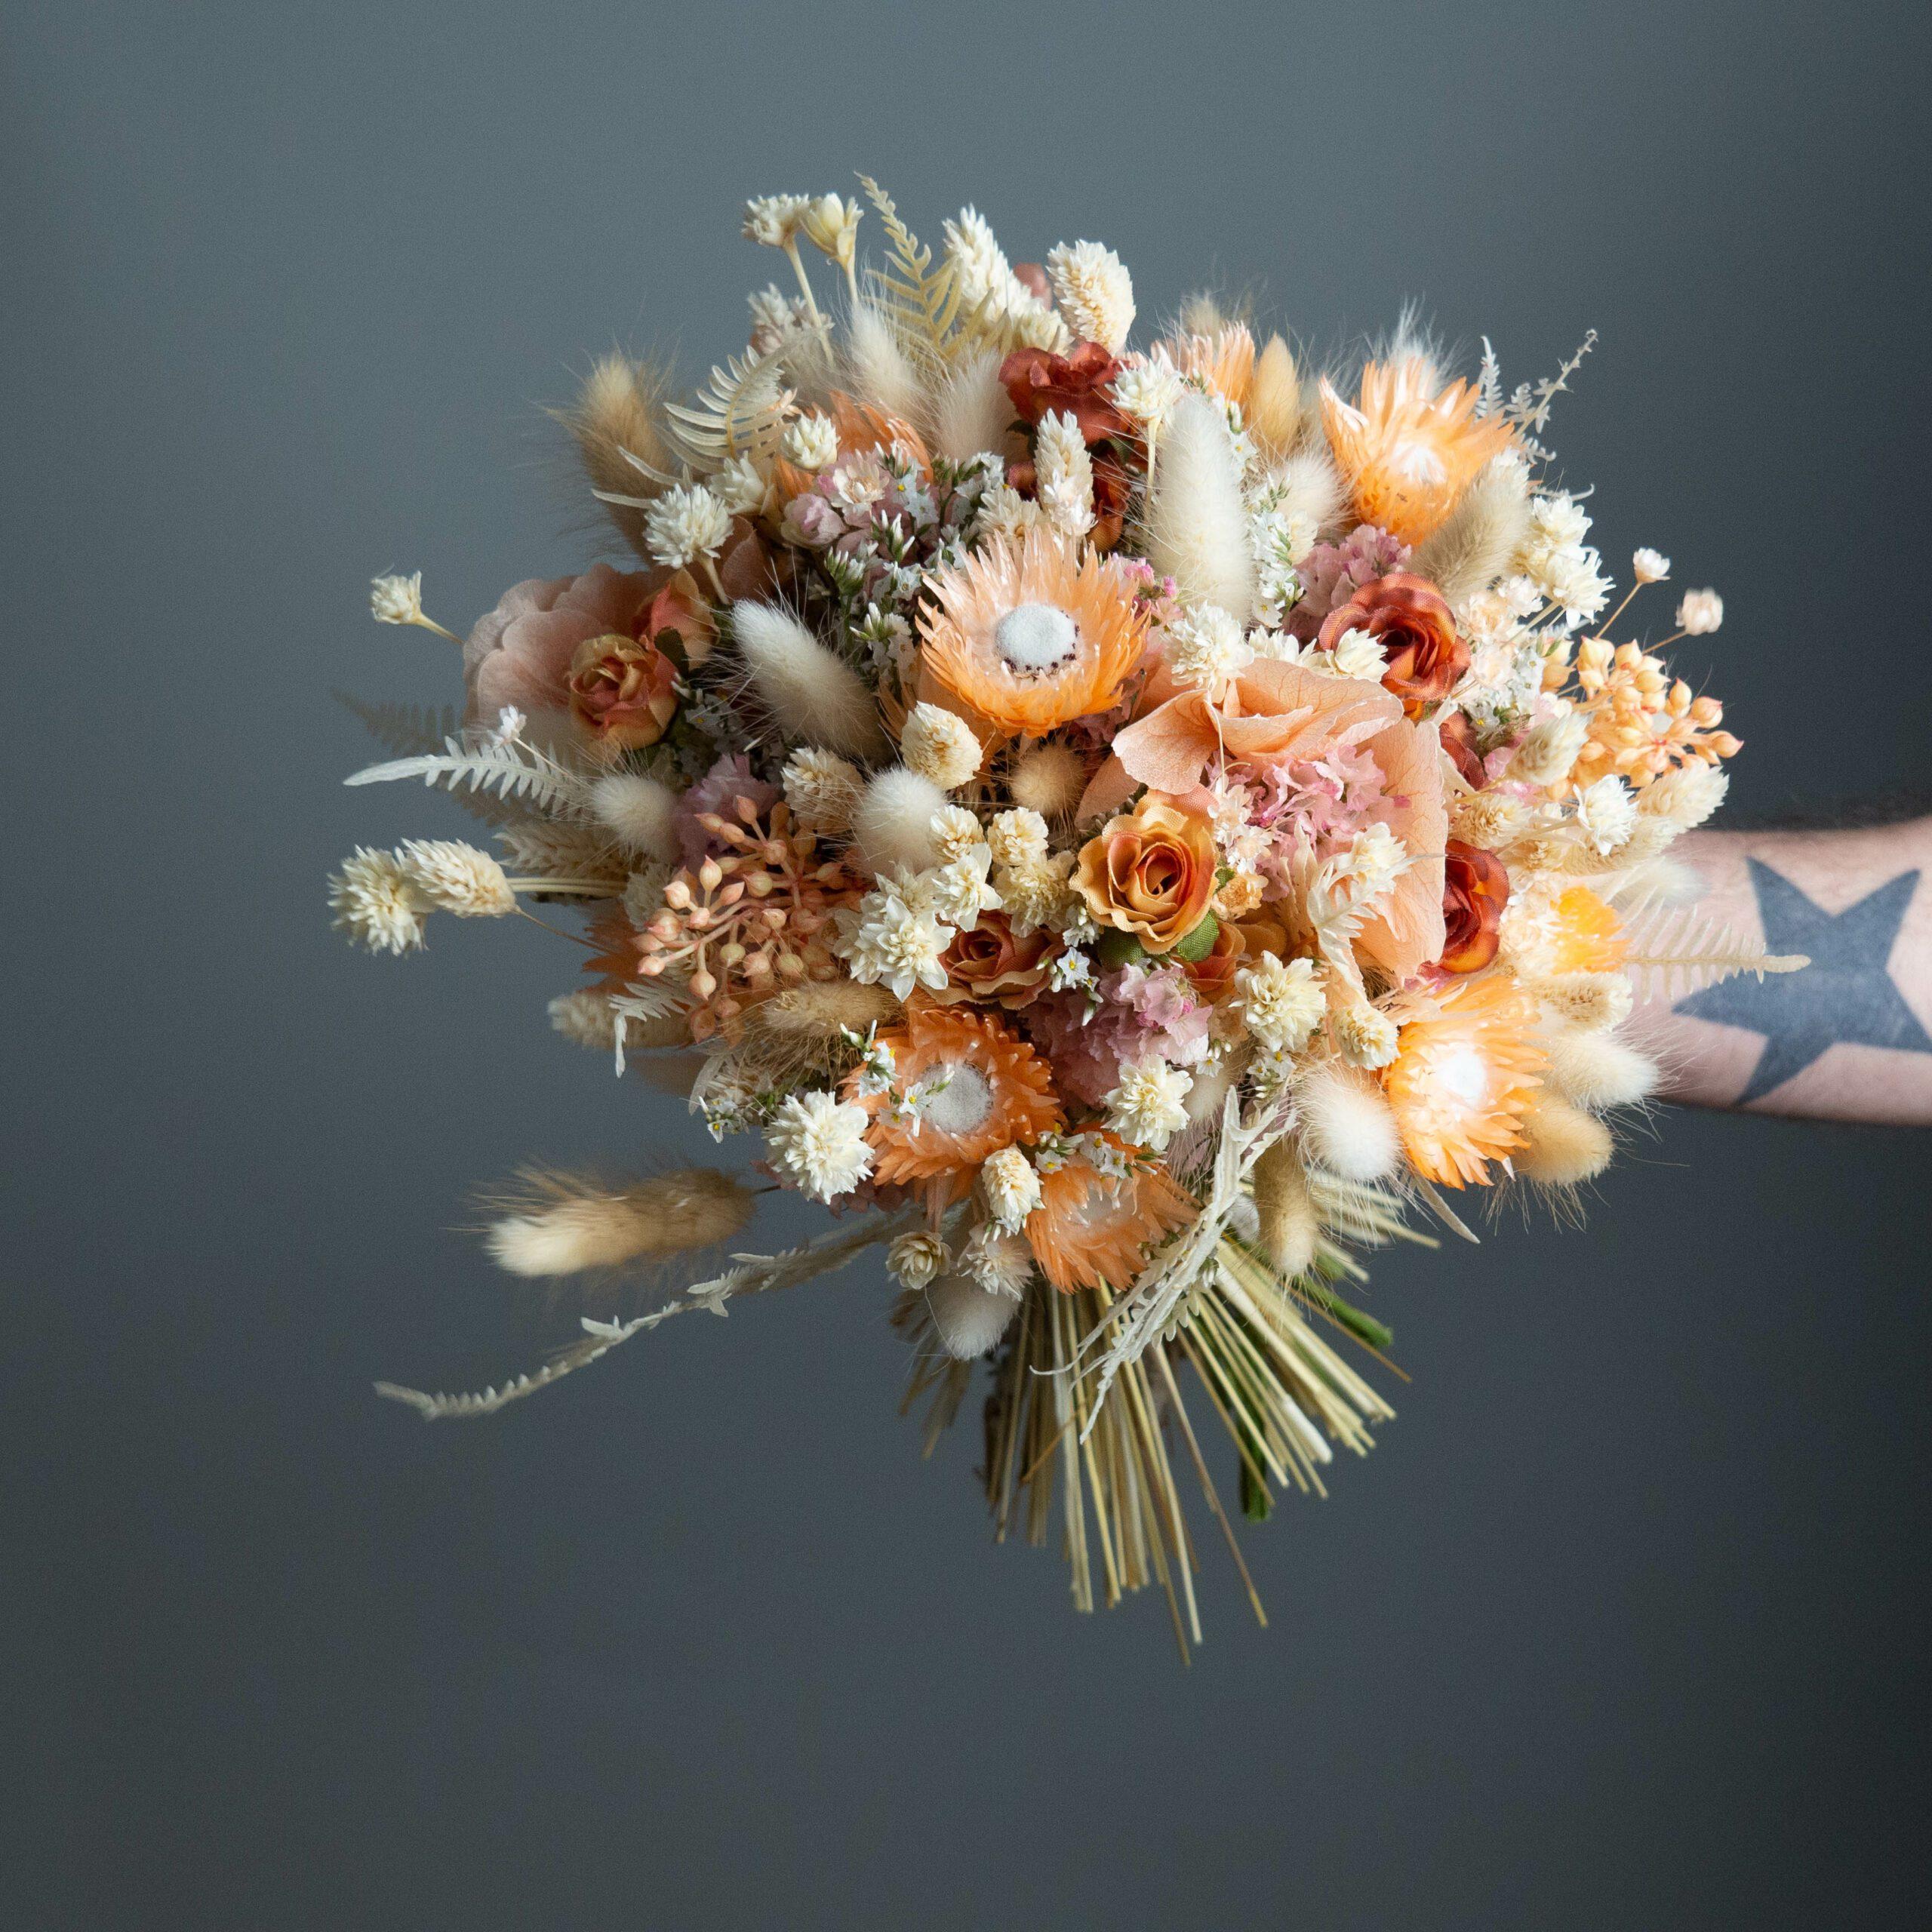 fleurs séchées atelier lavarenne fleuriste lyon